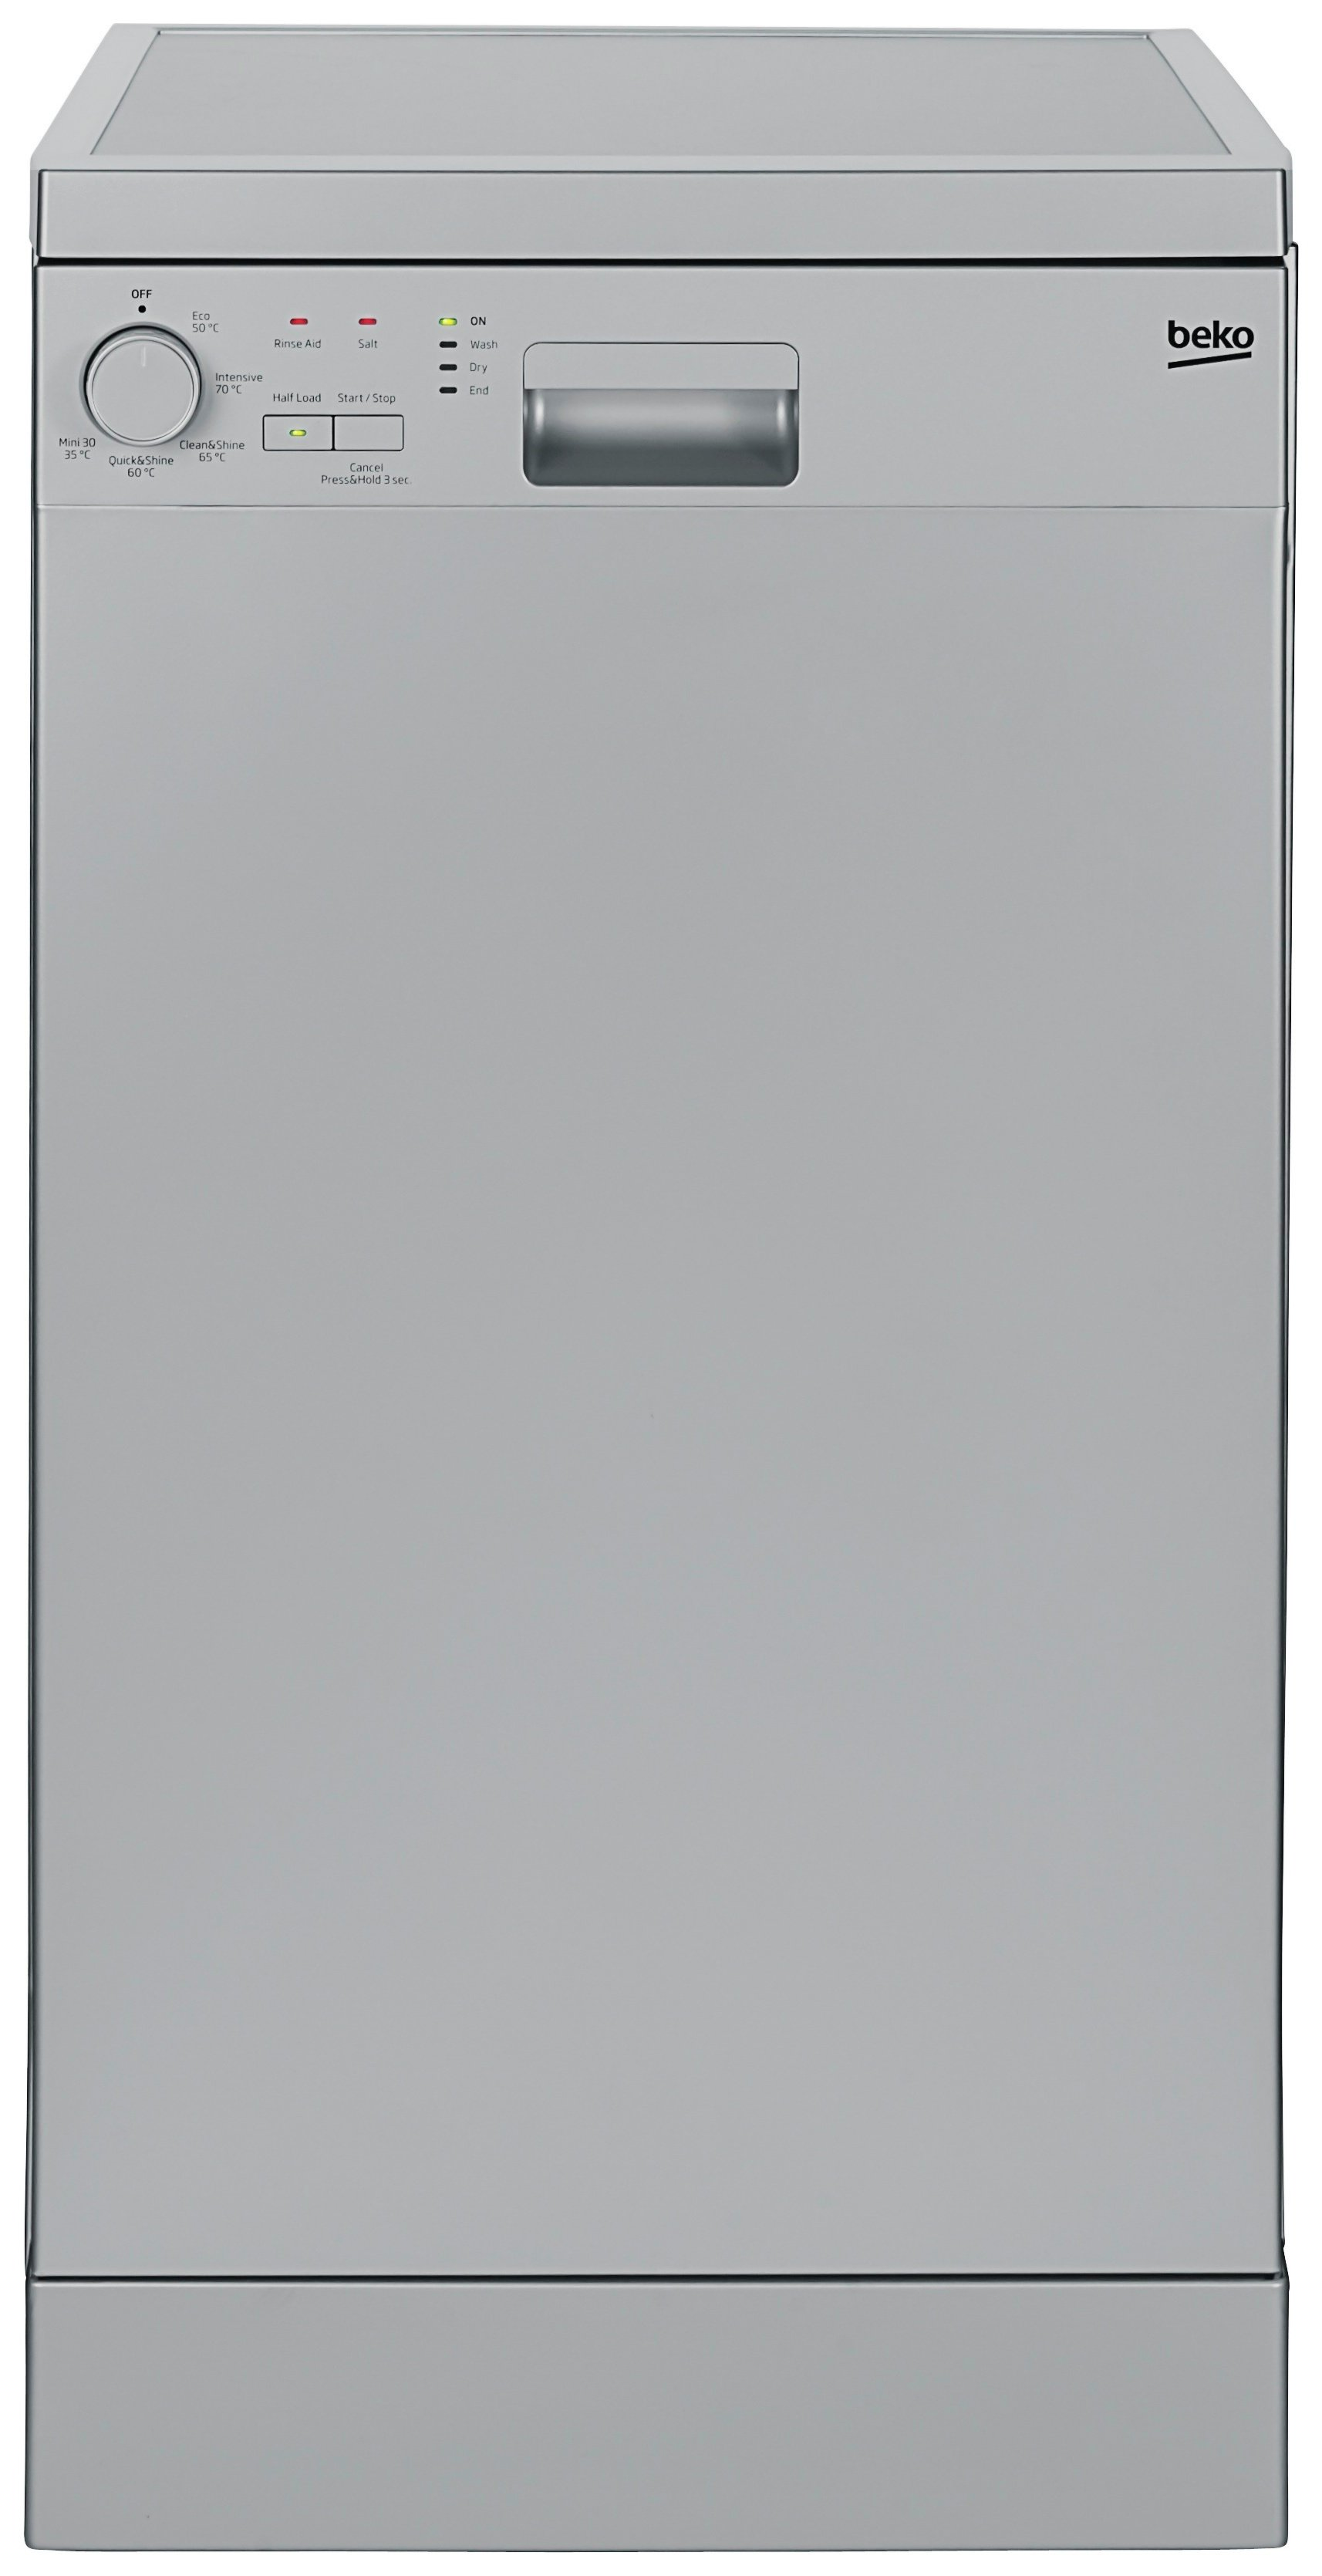 Beko - DFS05010S - Slimline Dishwasher - Silver